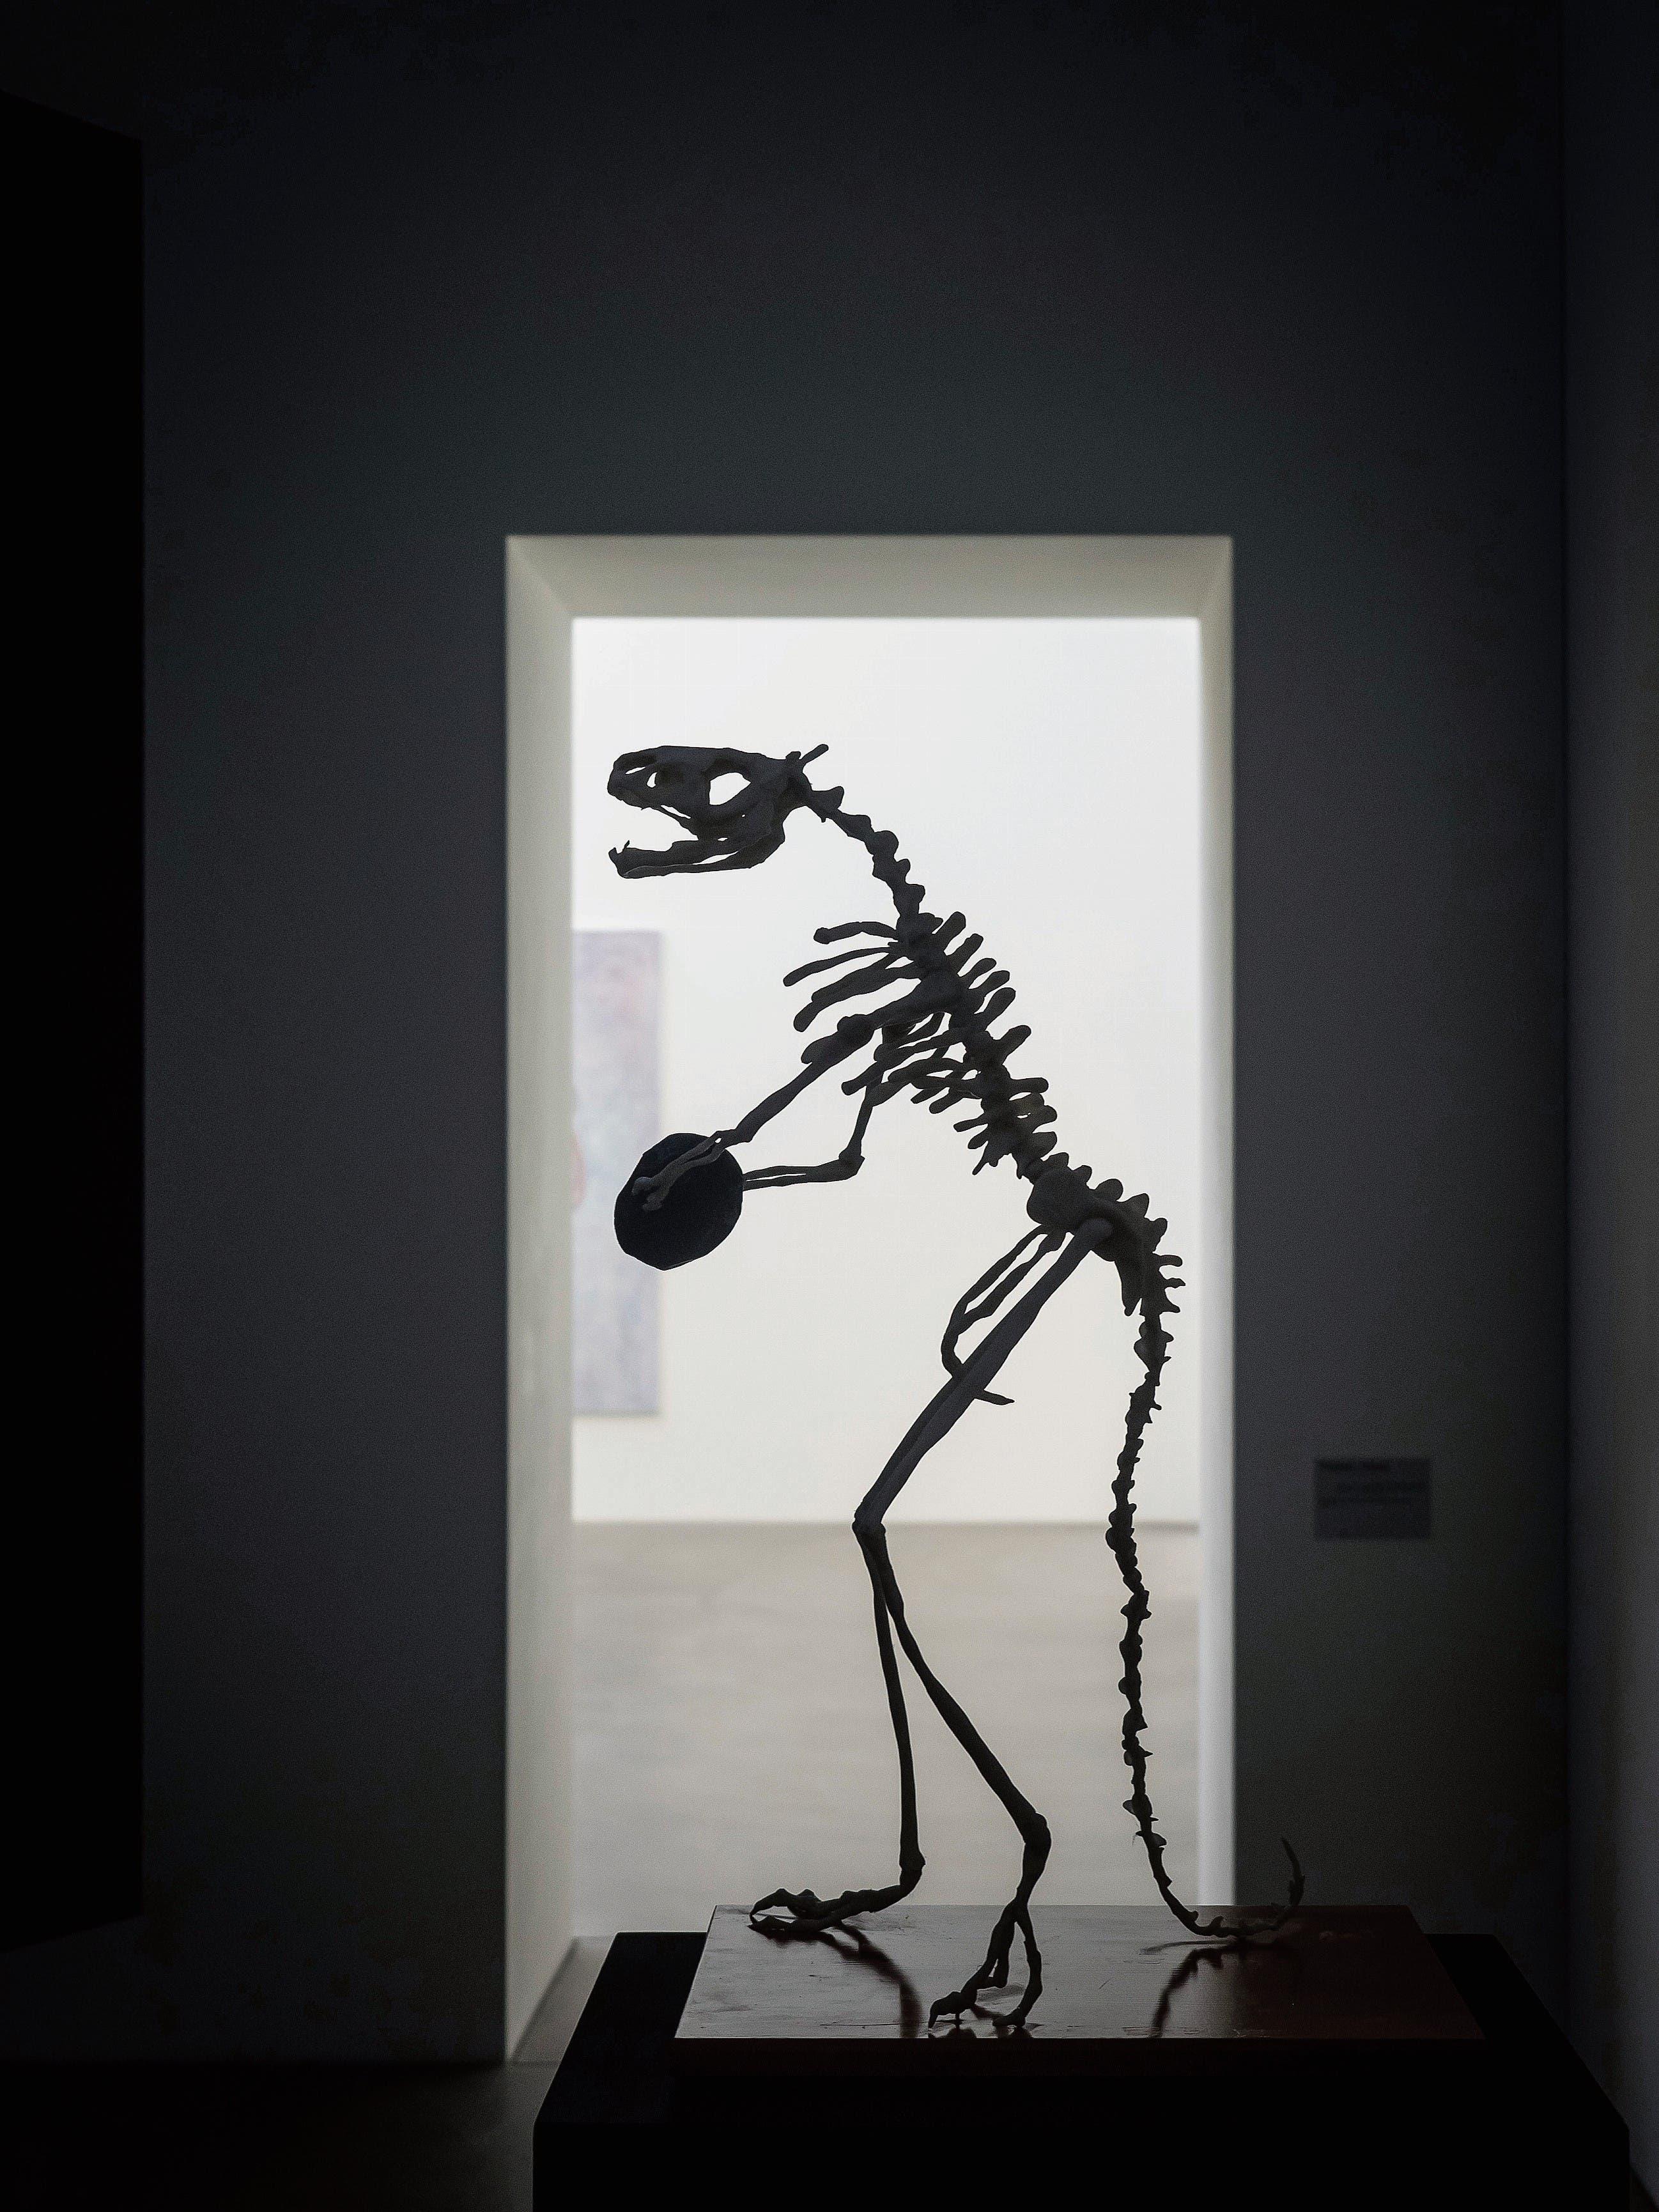 «Diskurs mit einem Dinosaurier» lautet der Titel der humorvollen Skulptur Thomas Stüssis im Kunstmuseum Appenzell. Hält der «Fake»-Dinosaurier ein Stück des Meteoriten, der zu seinem Verderben wurde? (Bild: Hanspeter Schiess)